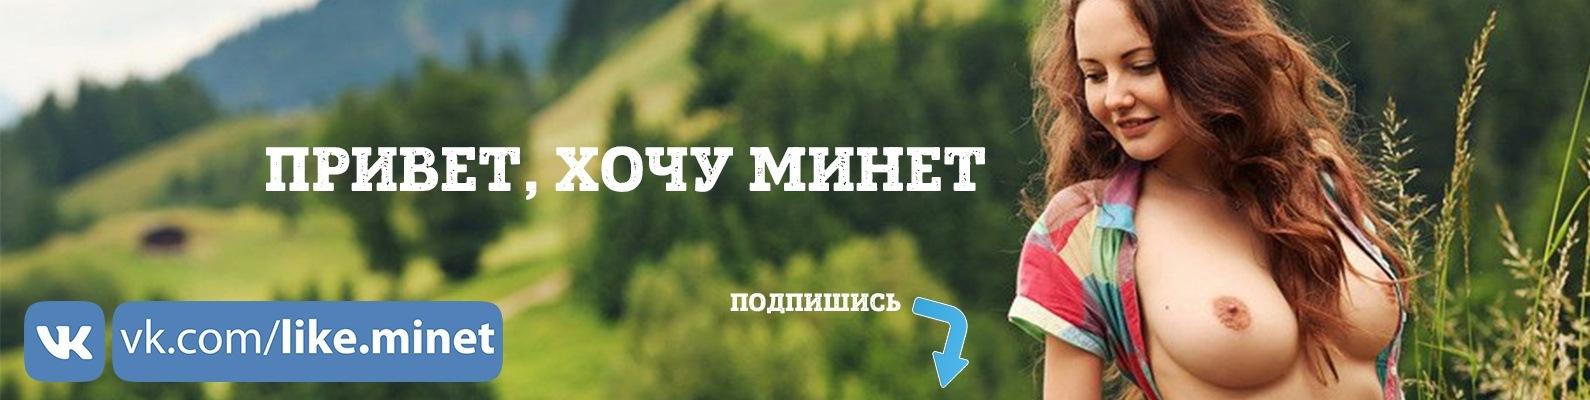 vkontakte-minet-muzhu-siski-zrelih